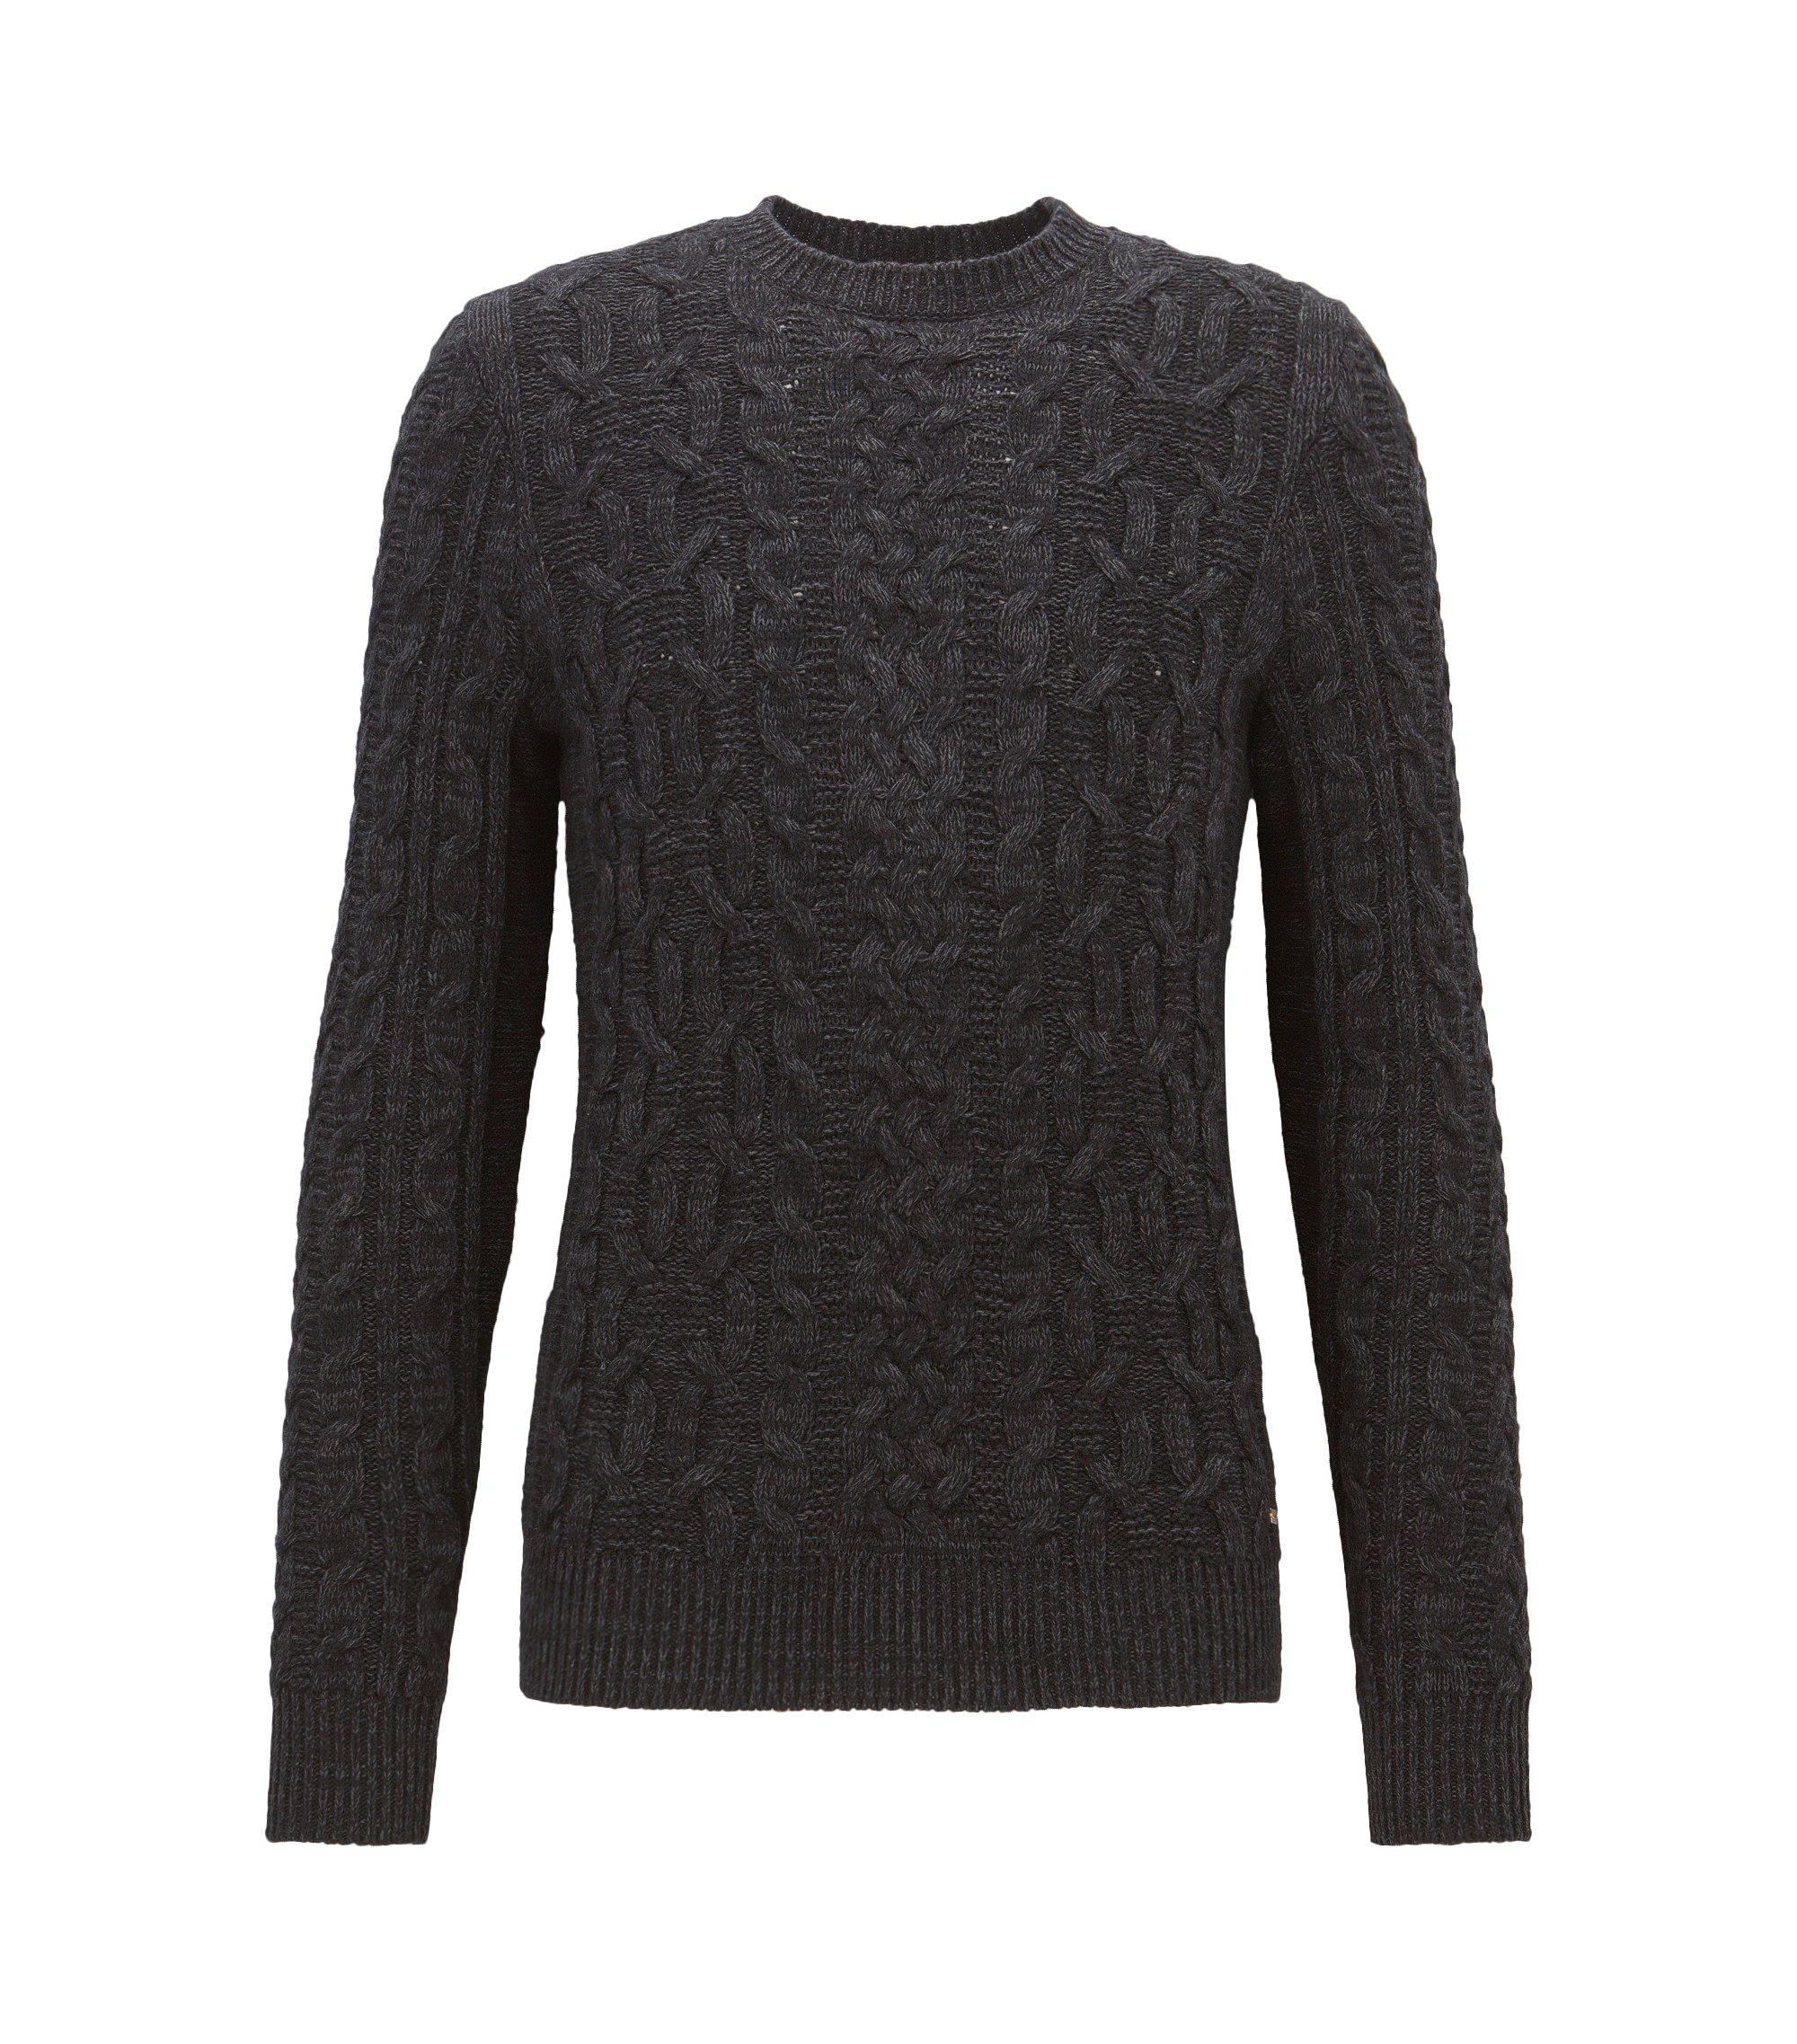 Gebreide trui van een katoenmix met kabelpatroon, Zwart